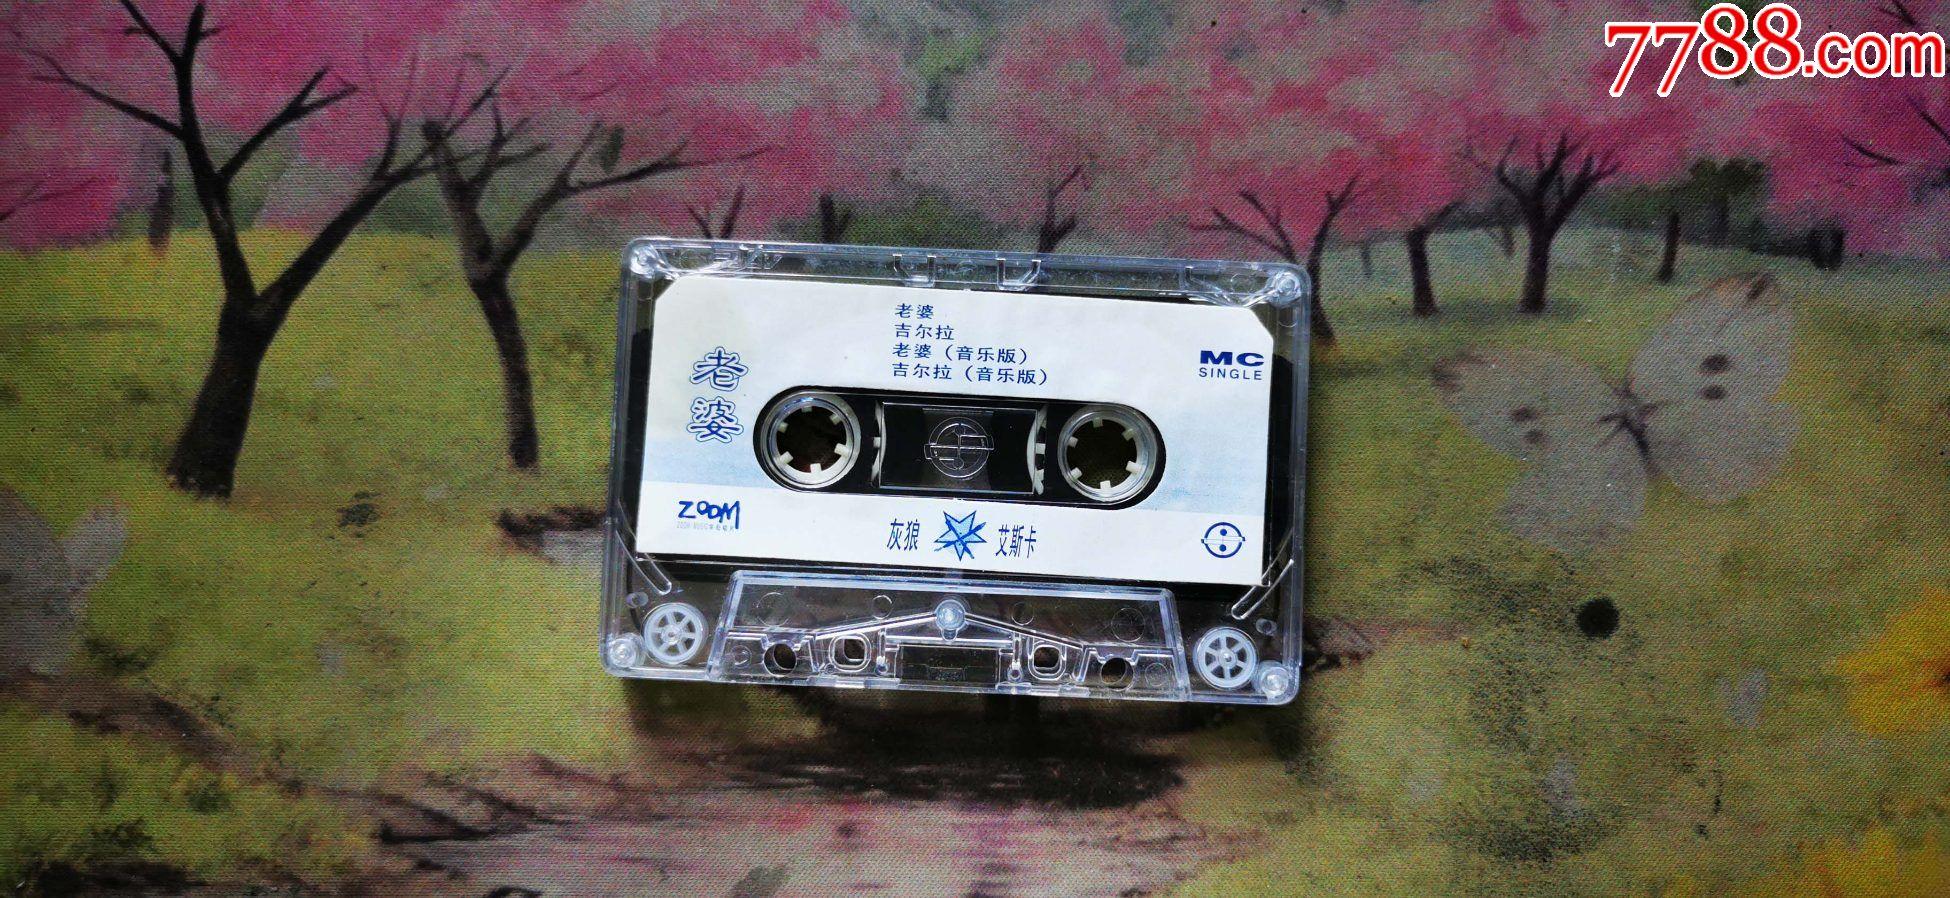 【灰狼艾斯卡】【老婆】【磁带】_价格84元_第5张_